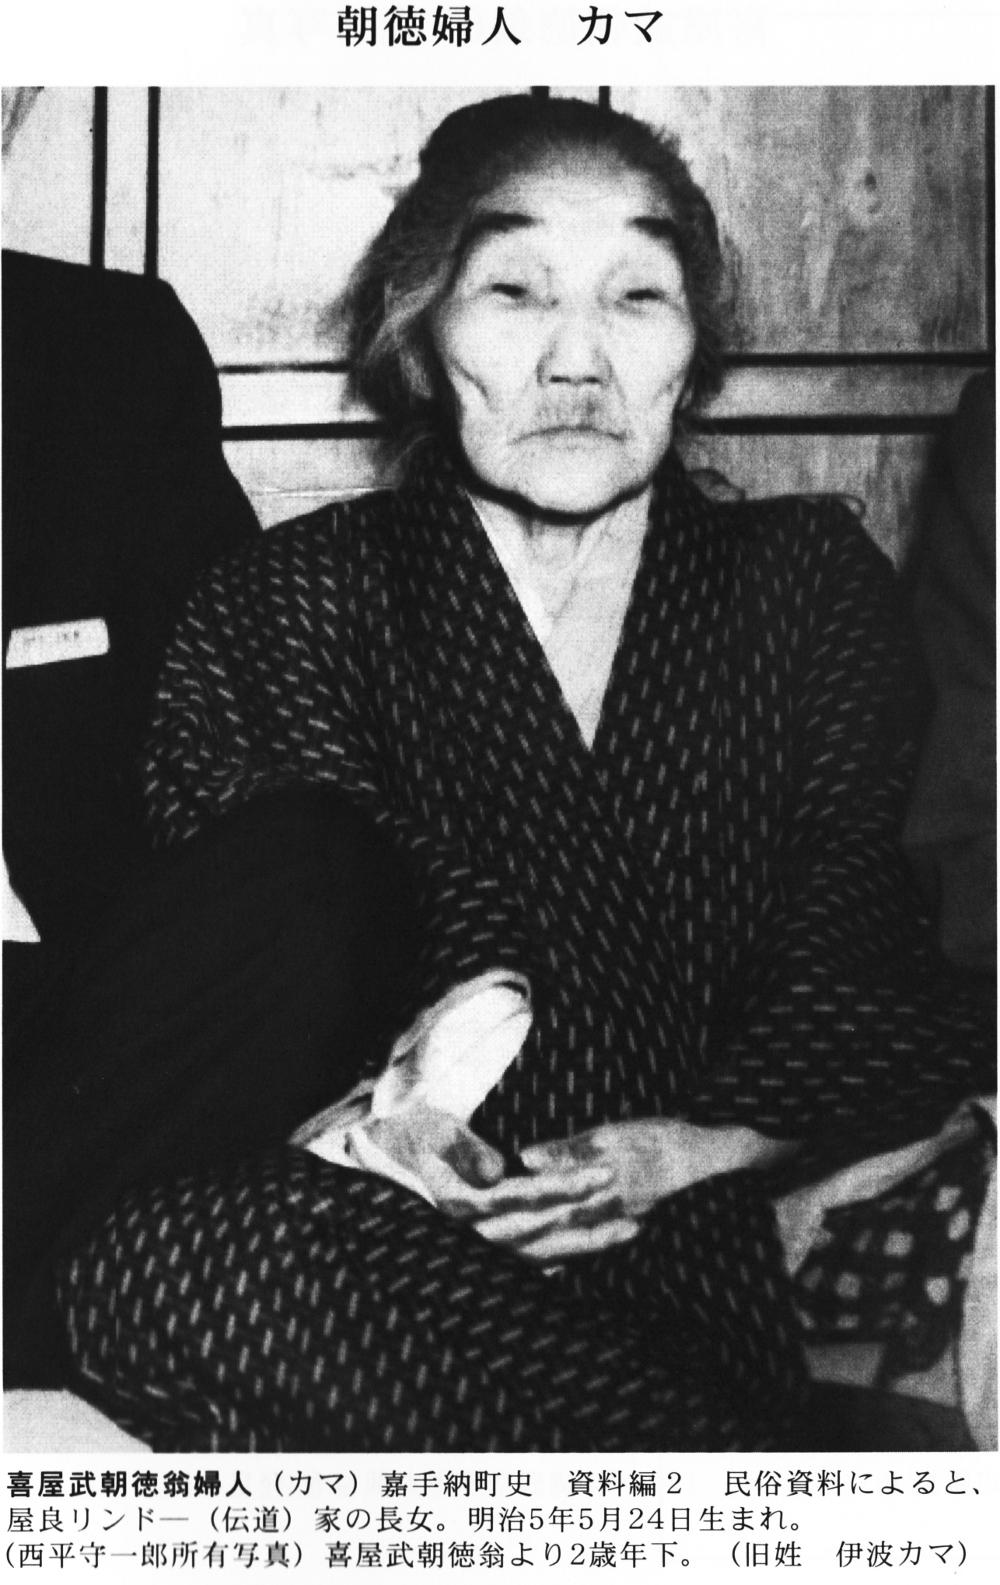 Kyan Chotoku's wife Kama.